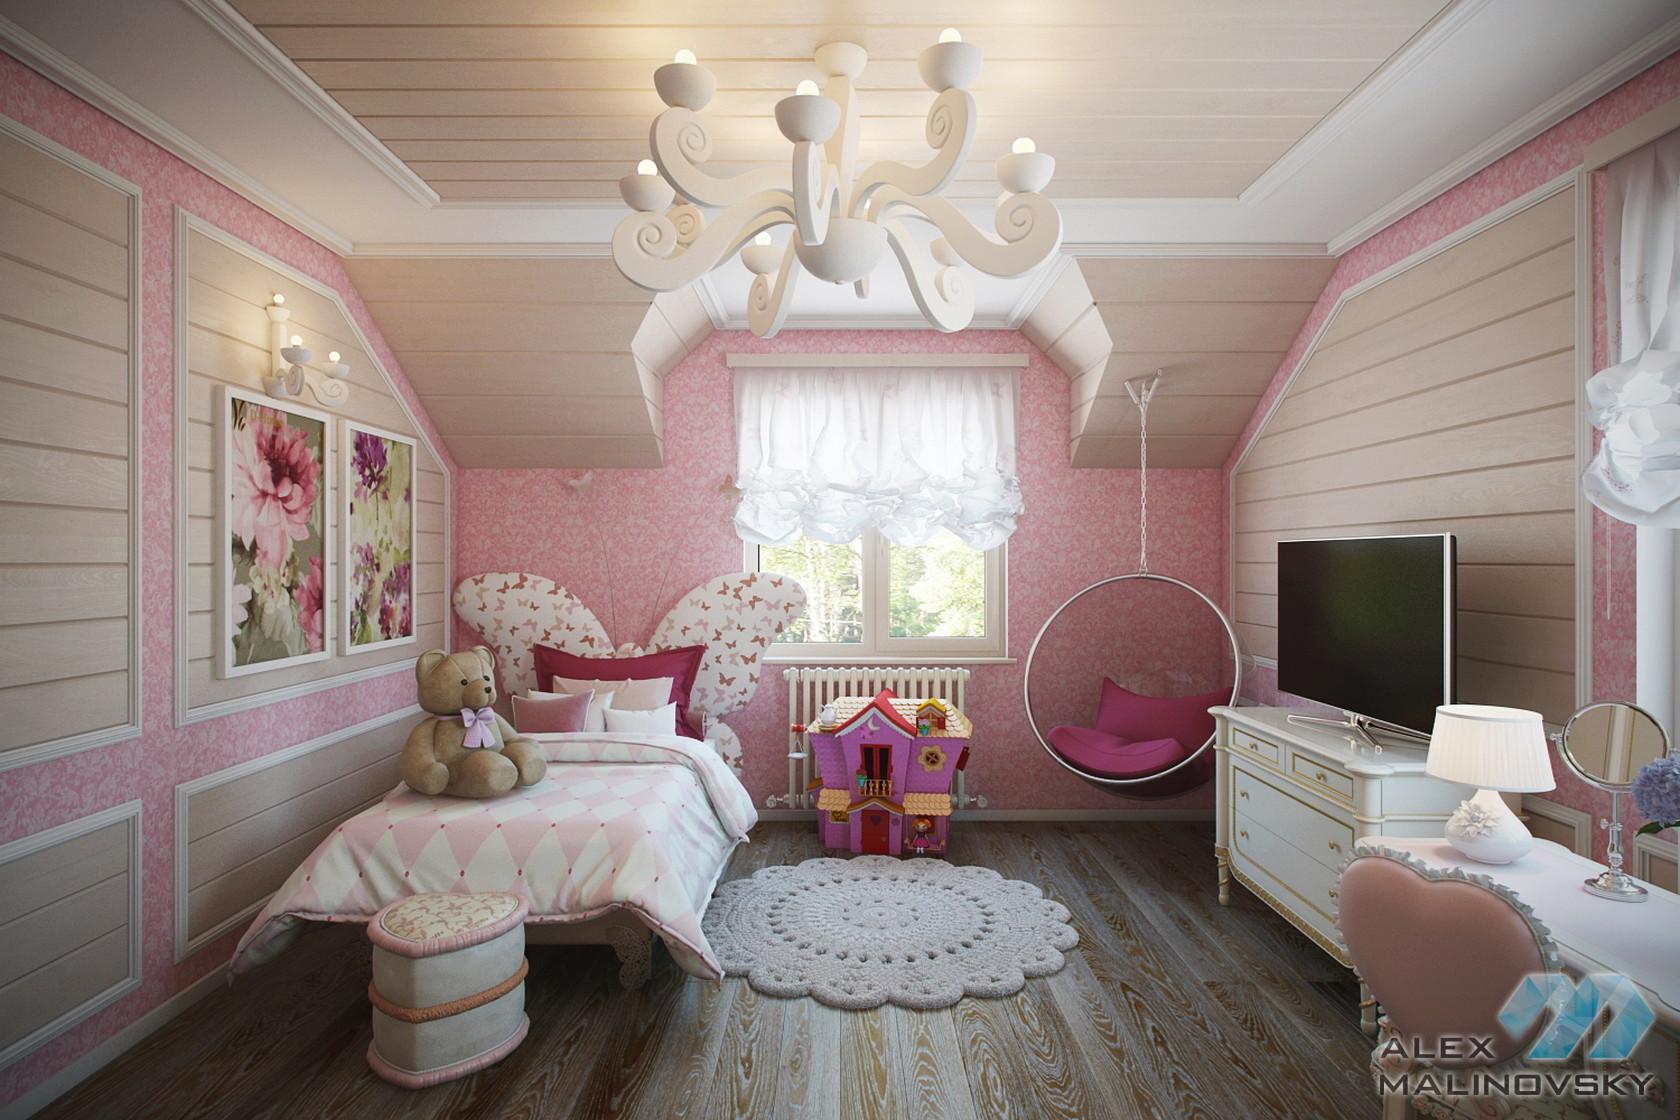 КП Глаголево, Московская область, детская комната в коттедже